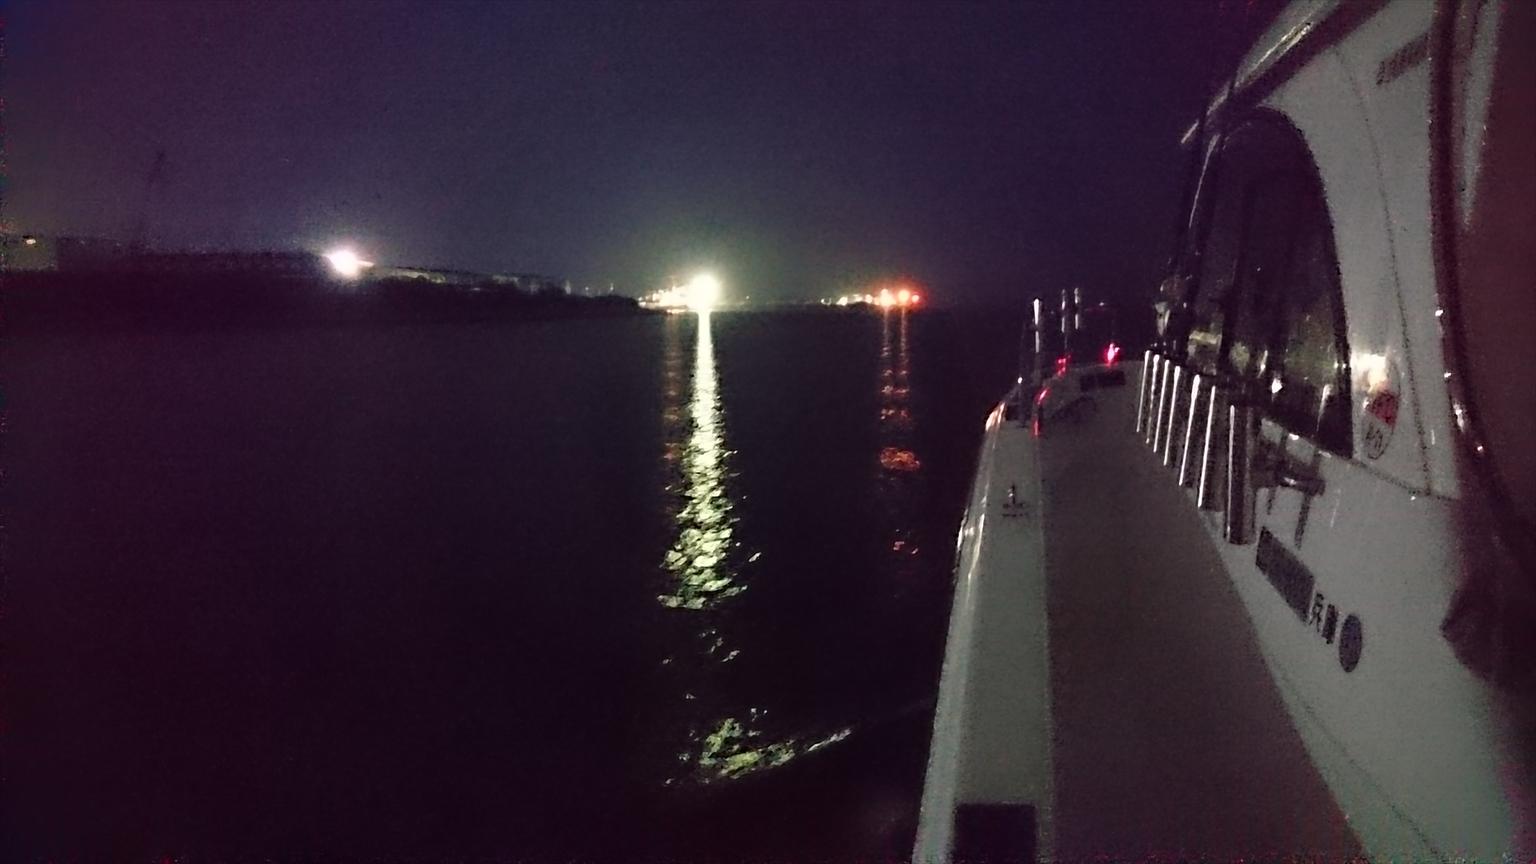 夜間は街灯りが少し見える程度。海上はライトがないため、障害物の発見が困難です